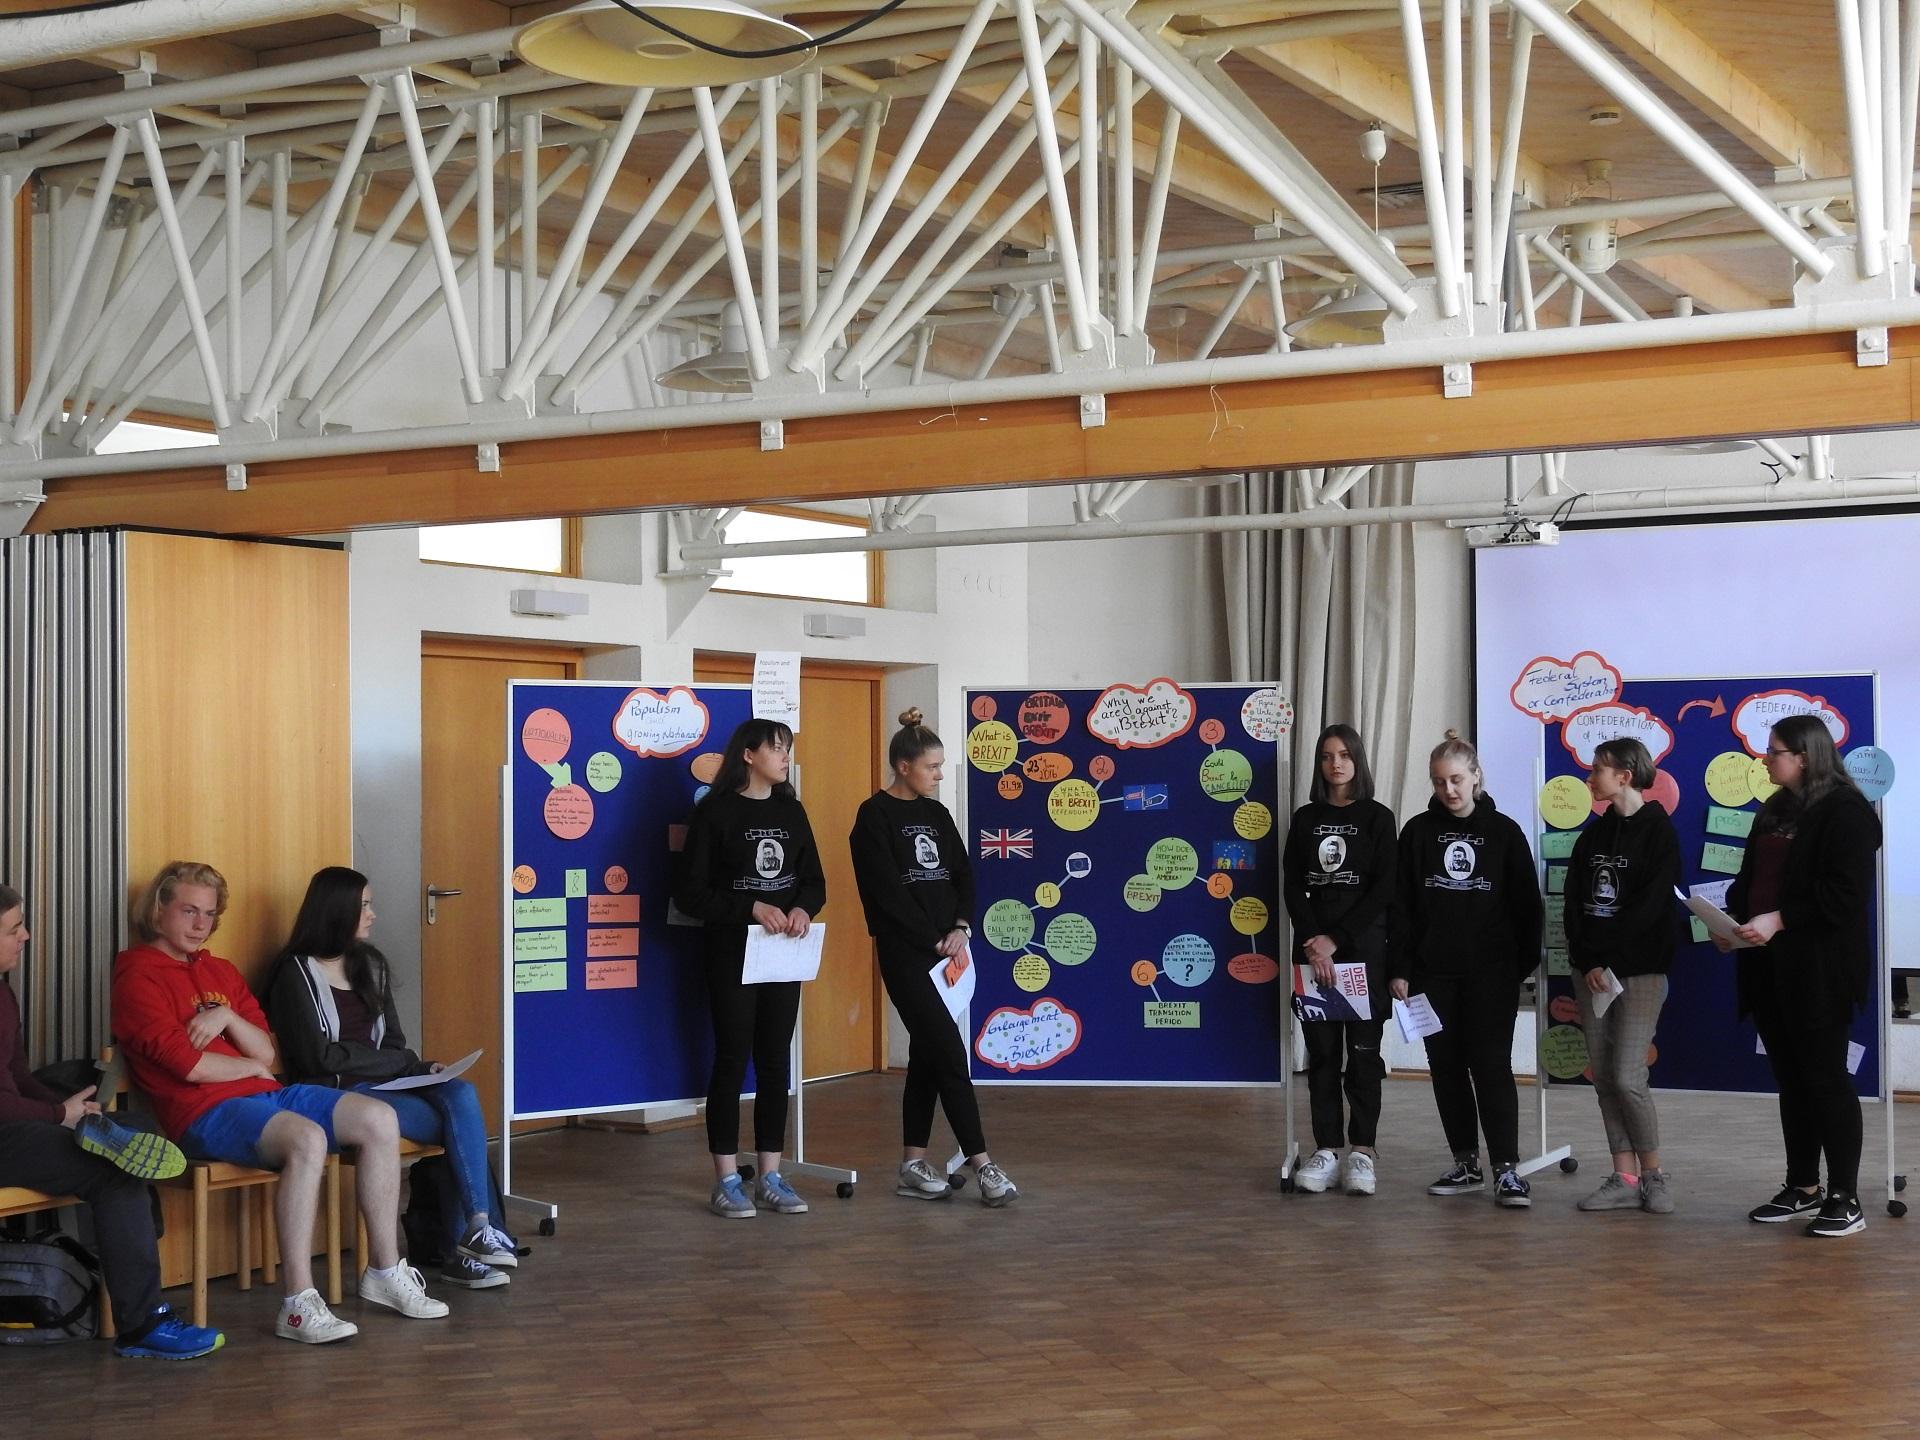 Schulpartnerschaft: Besuch von Vertreterinnen des Kaunas Jonas Jablonskis Gymnasiums